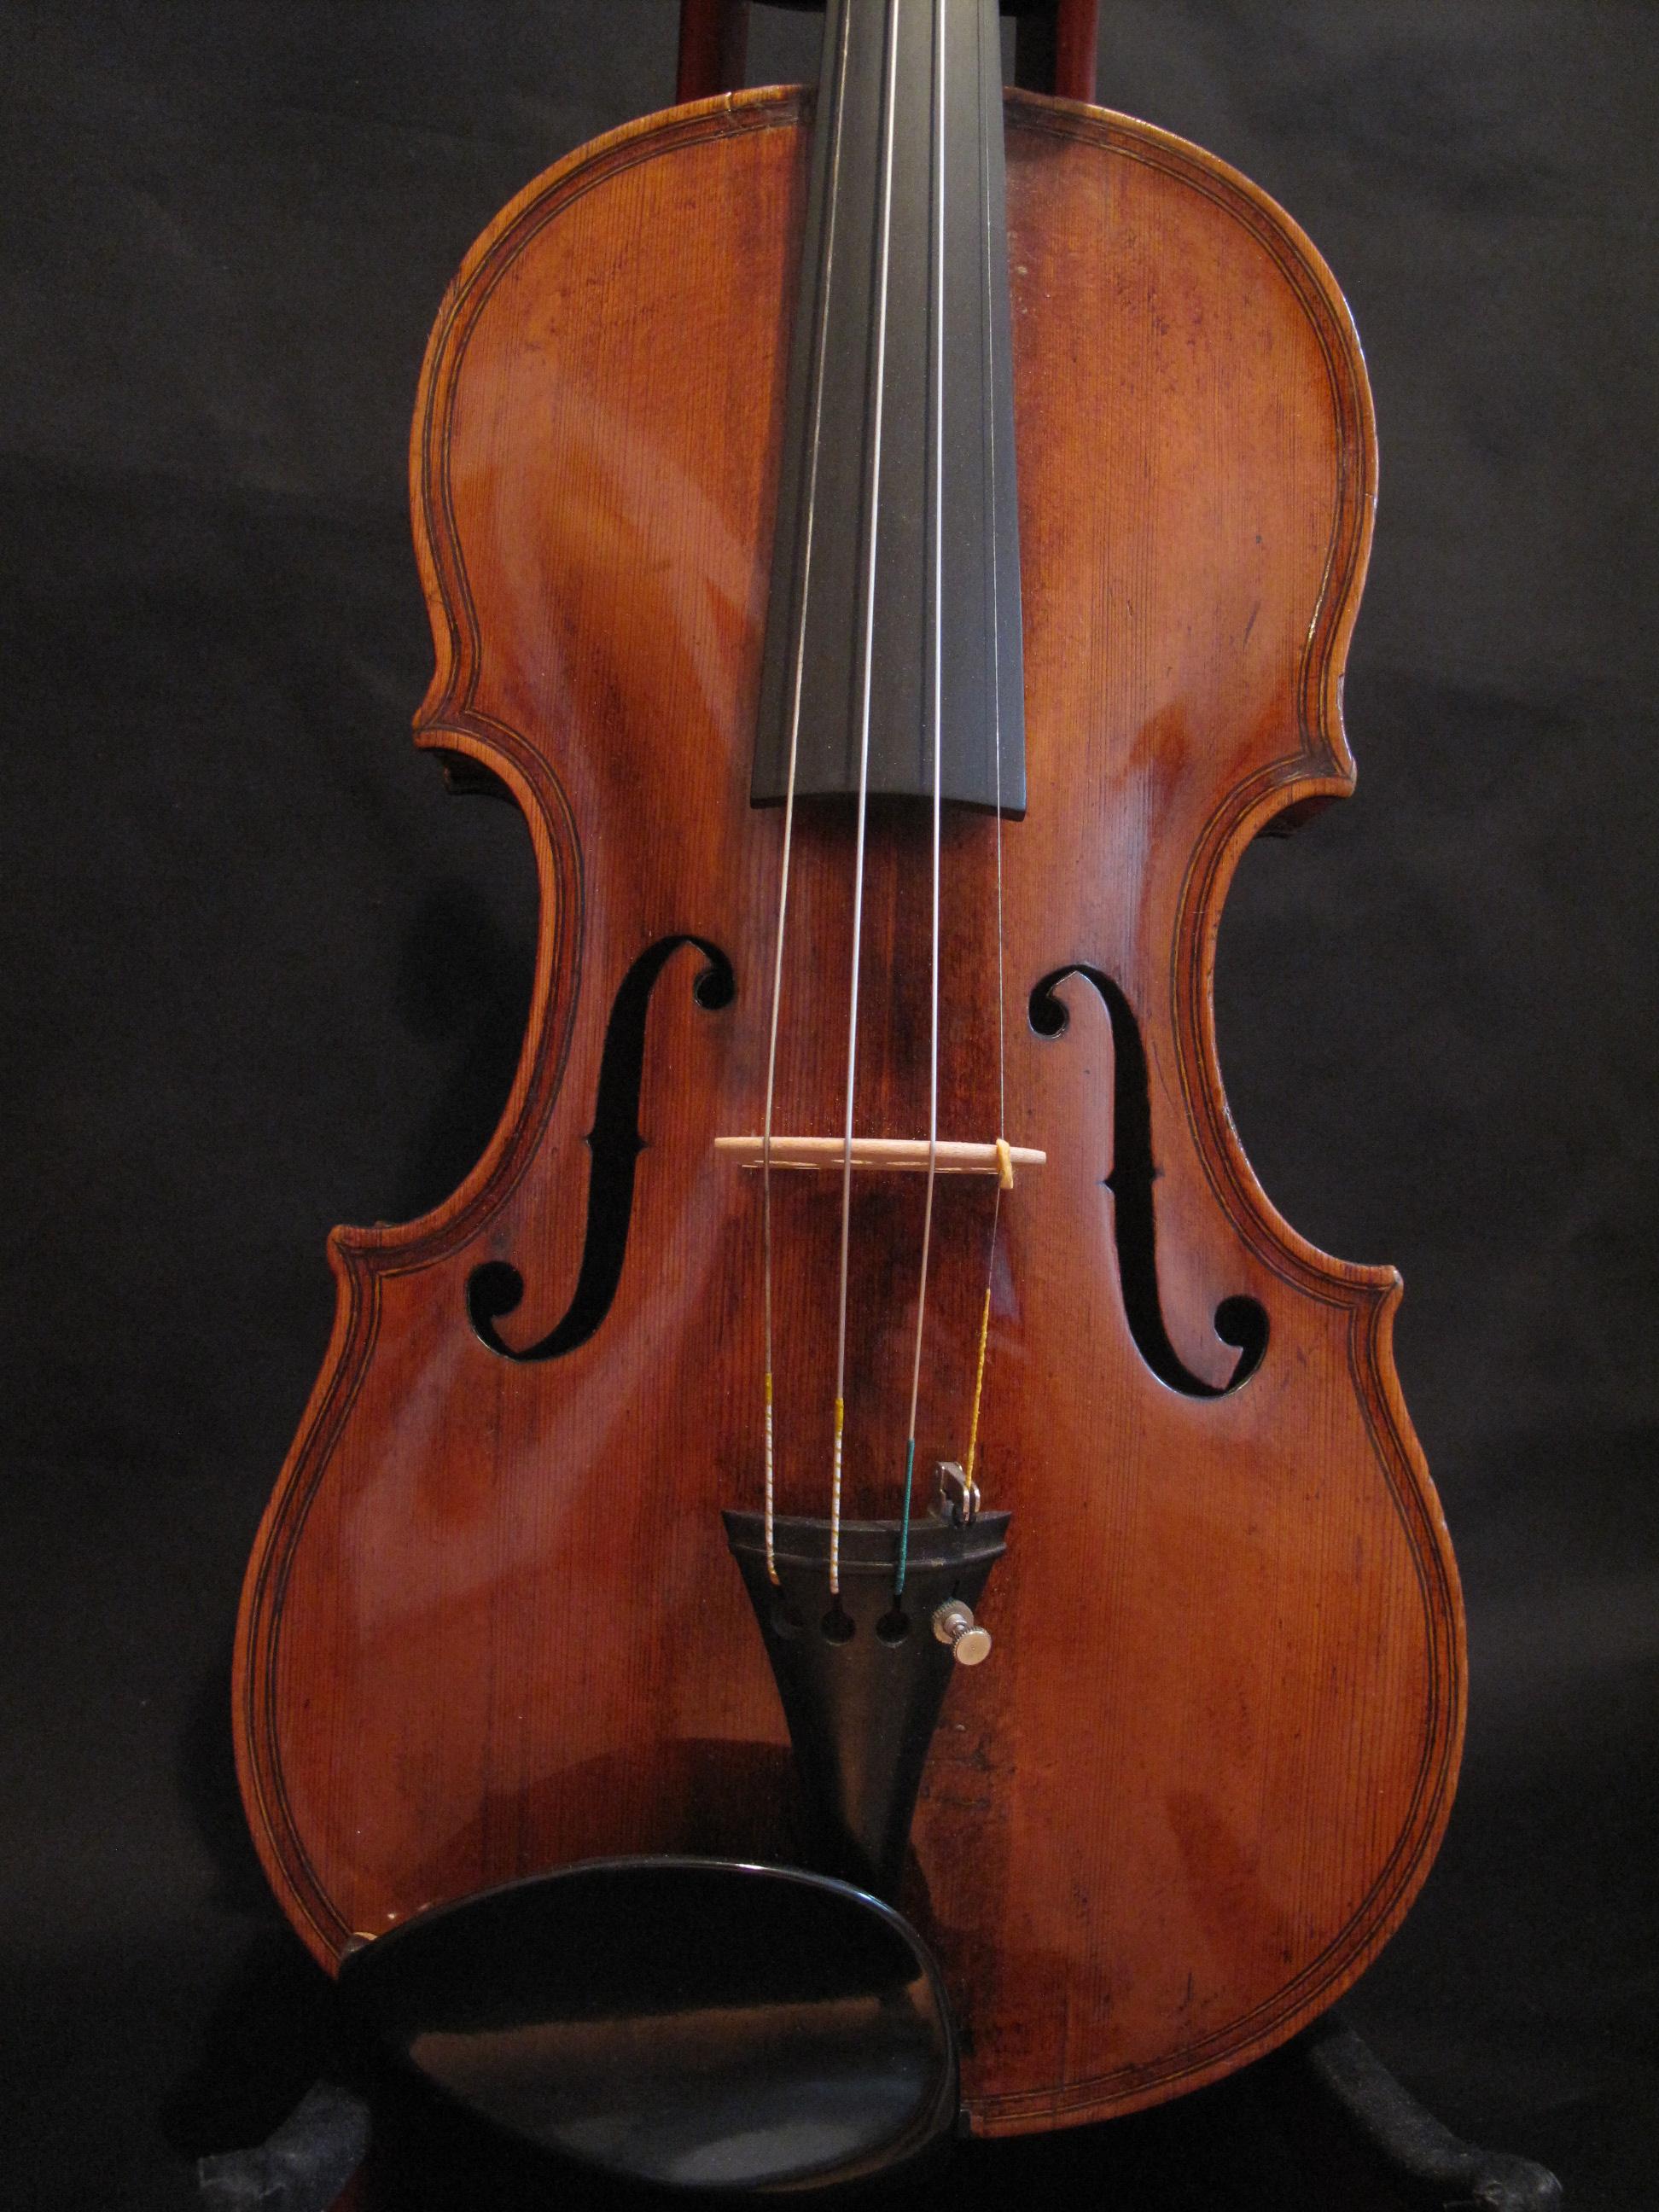 Old Instruments | Violin maker Thomas Gläsel